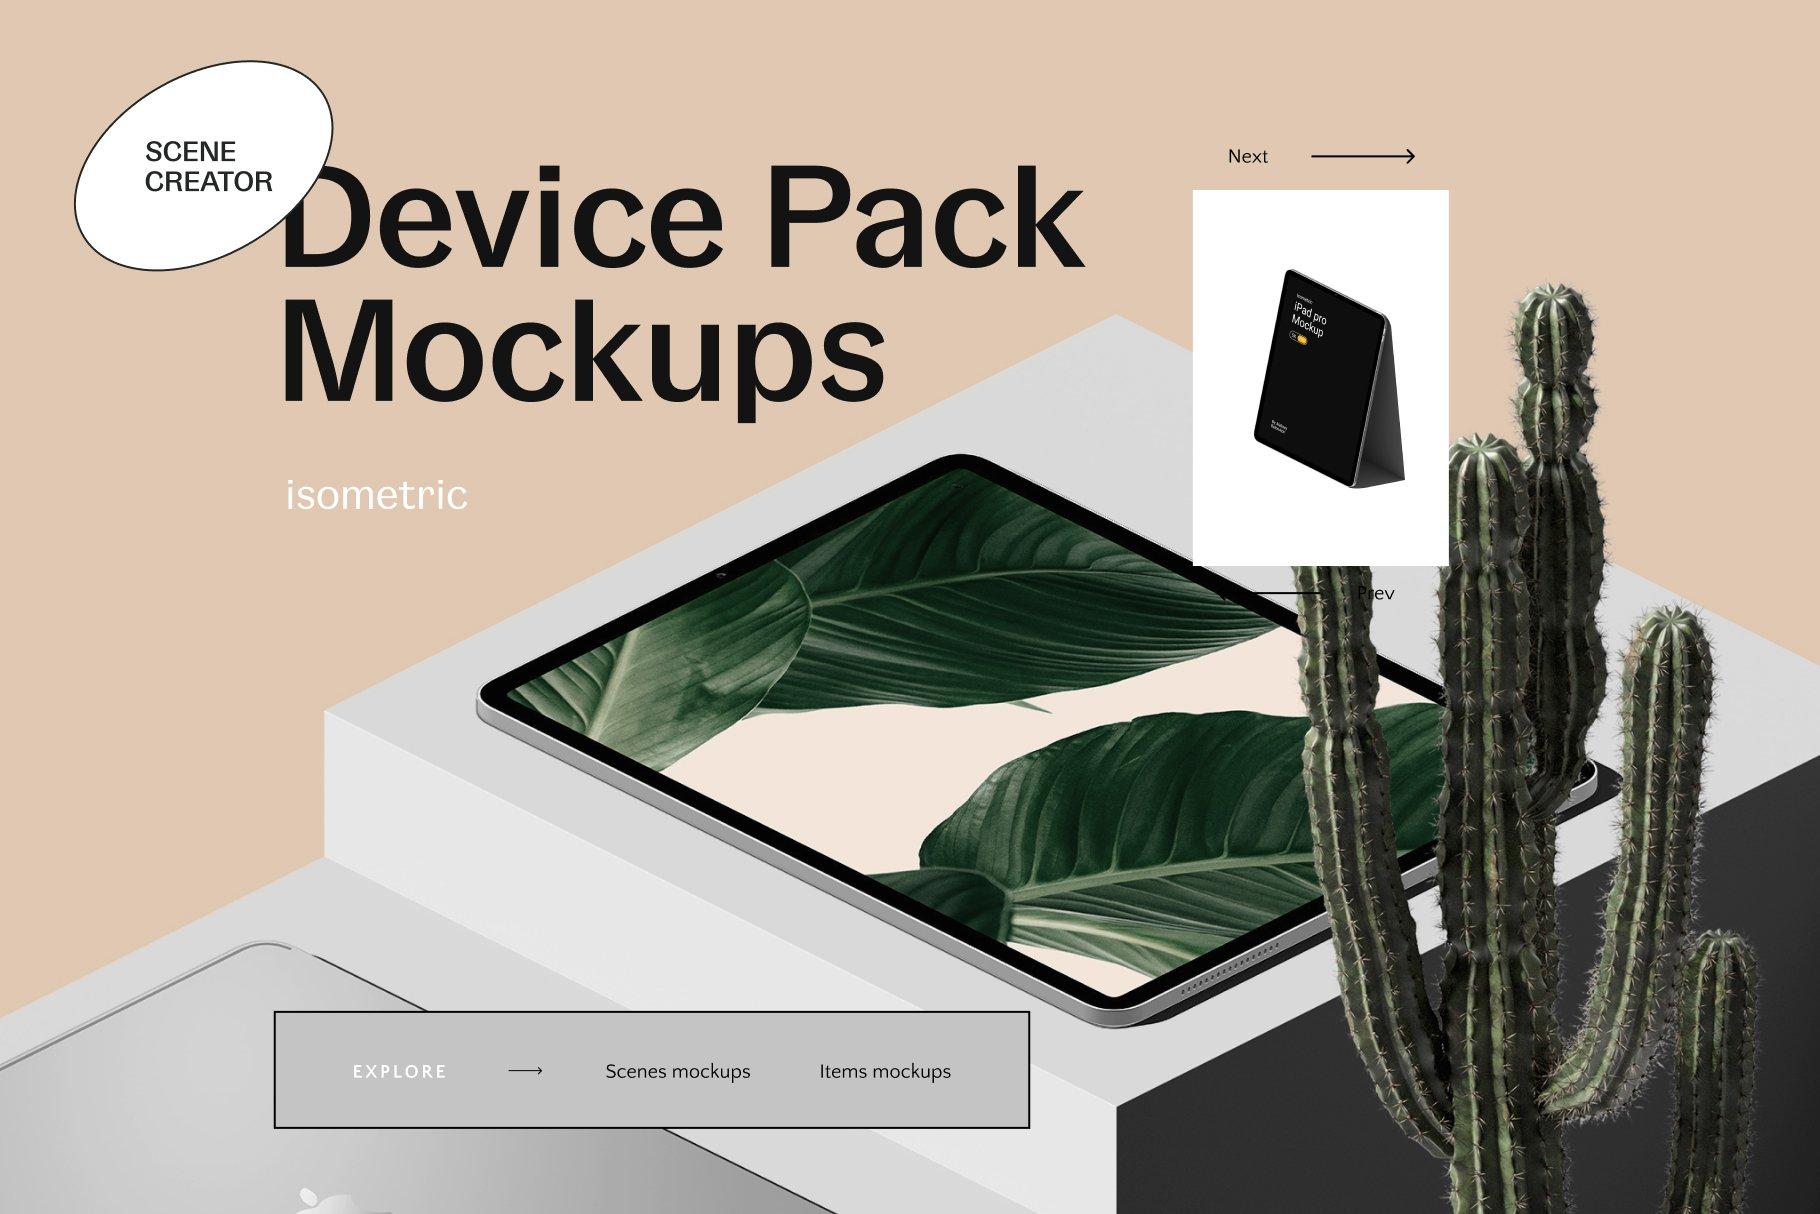 [单独购买] 16款时尚等距APP界面设计苹果设备屏幕演示场景样机模板套装 Device Pack Mockups – Isometric插图